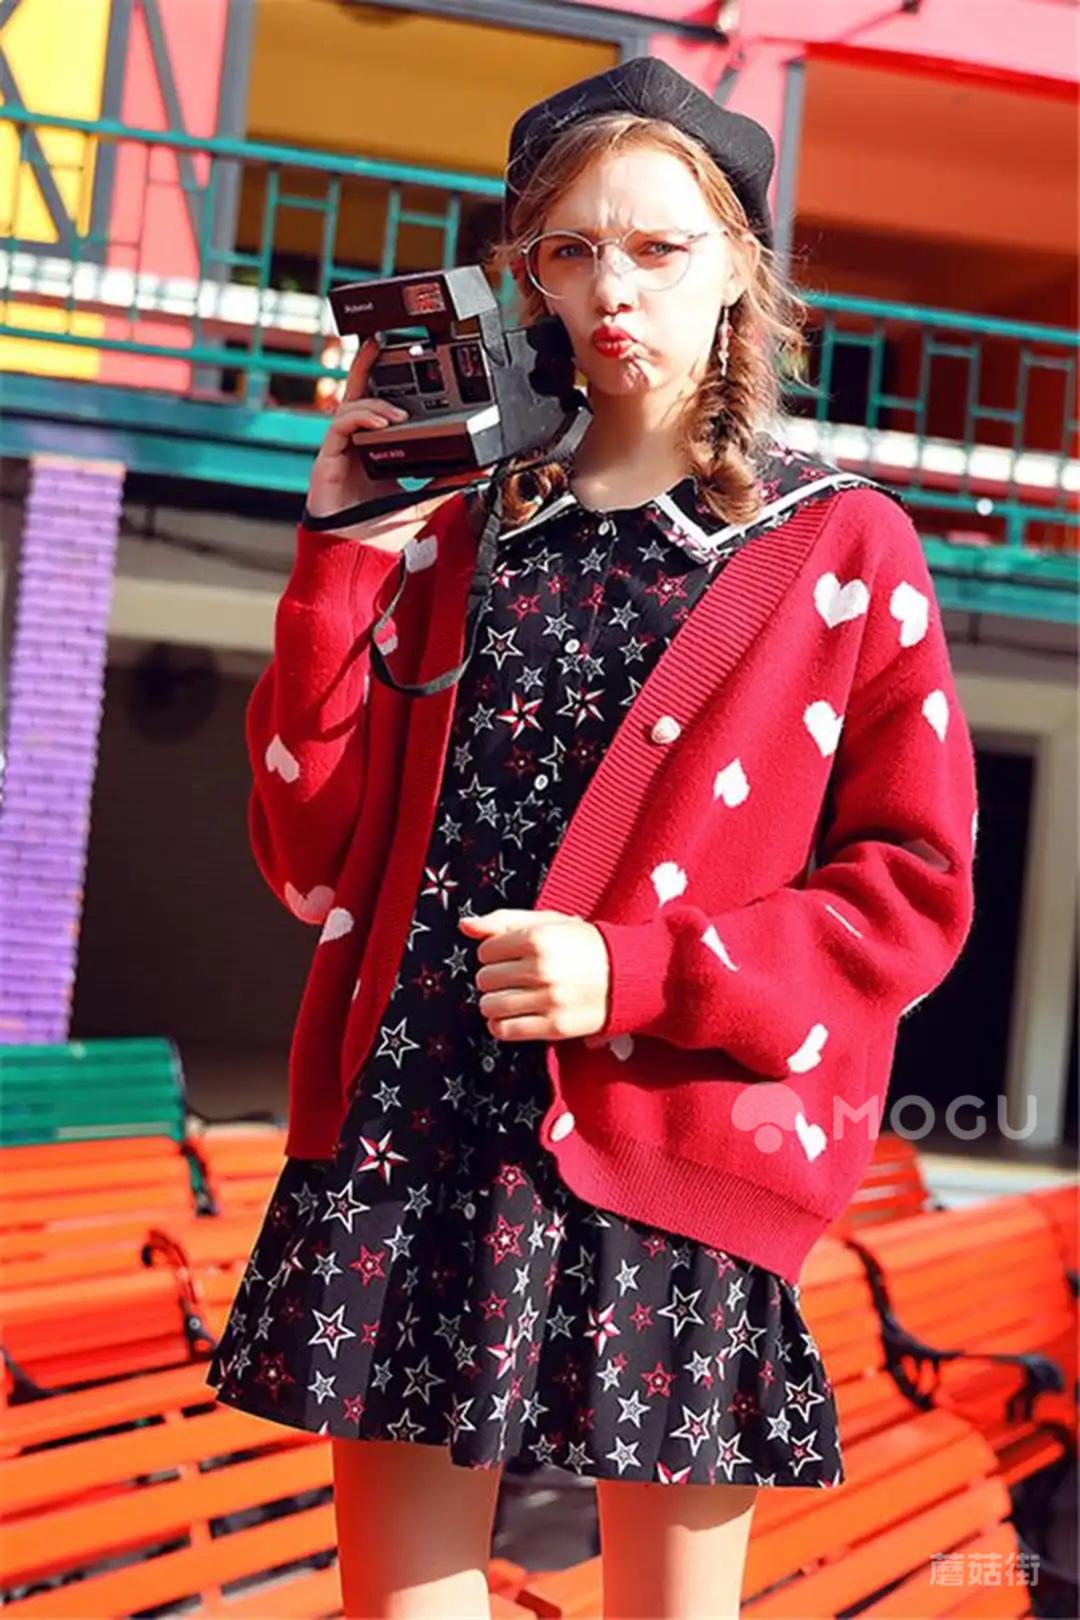 今日分享:红色慵懒风毛衣外套韩版宽松针织衫#衣柜里必不可少的单品#